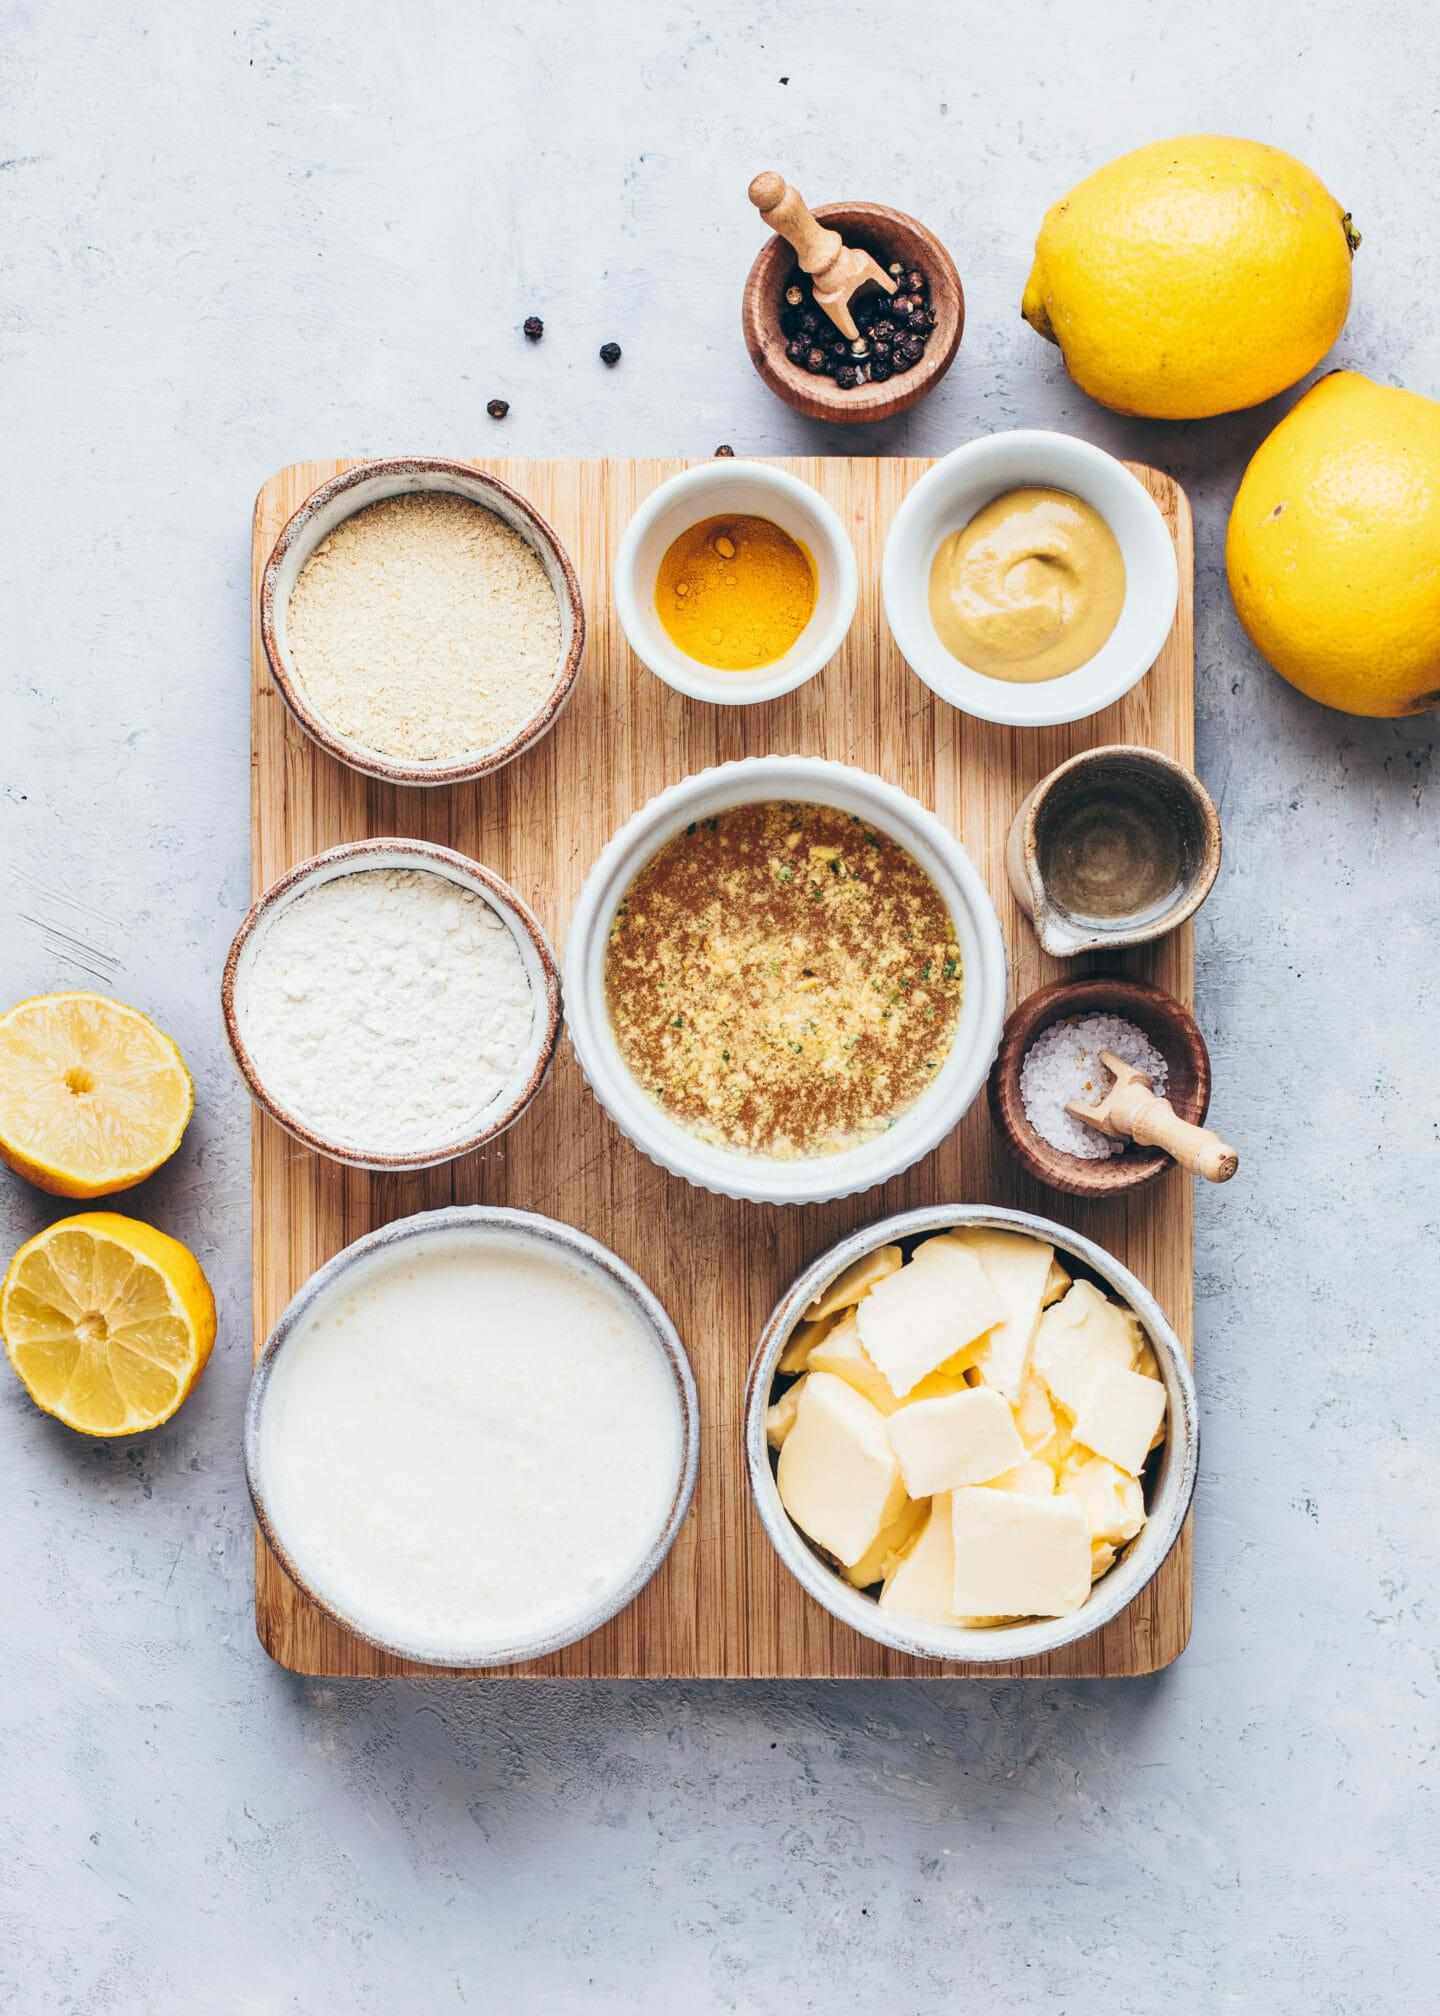 Margarine, Gemüsebrühe, Sojasahne (Sojacuisine), Mehl, Weißwein, Senf, Zitronensaft, Kurkuma, Salz, Pfeffer (Zutaten für vegane Hollandaise Sauce)